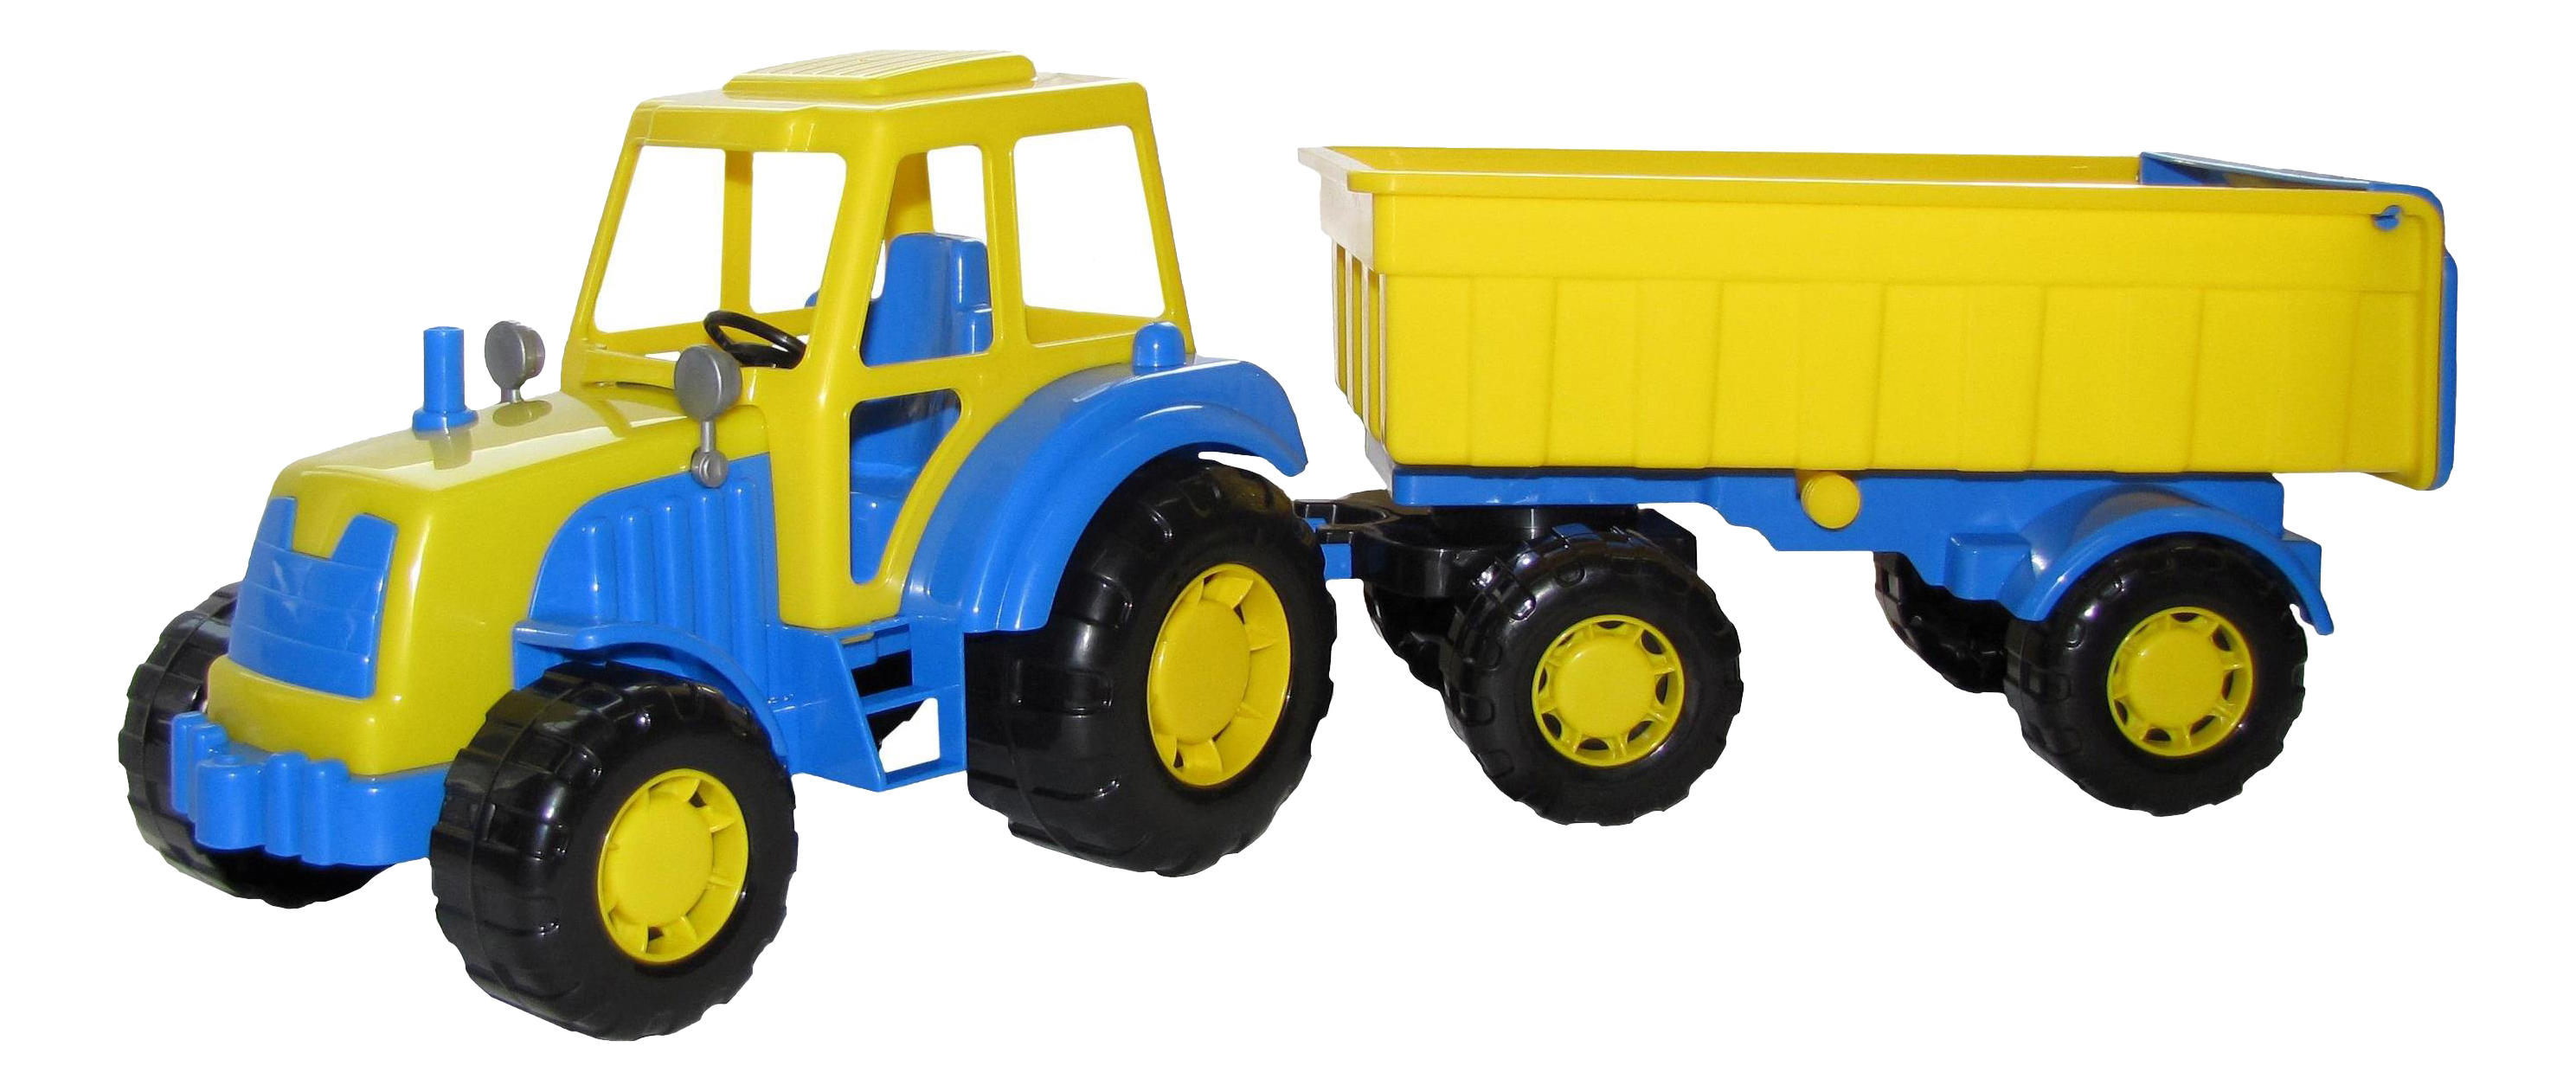 Трактор с прицепом №1 Полесье Алтай